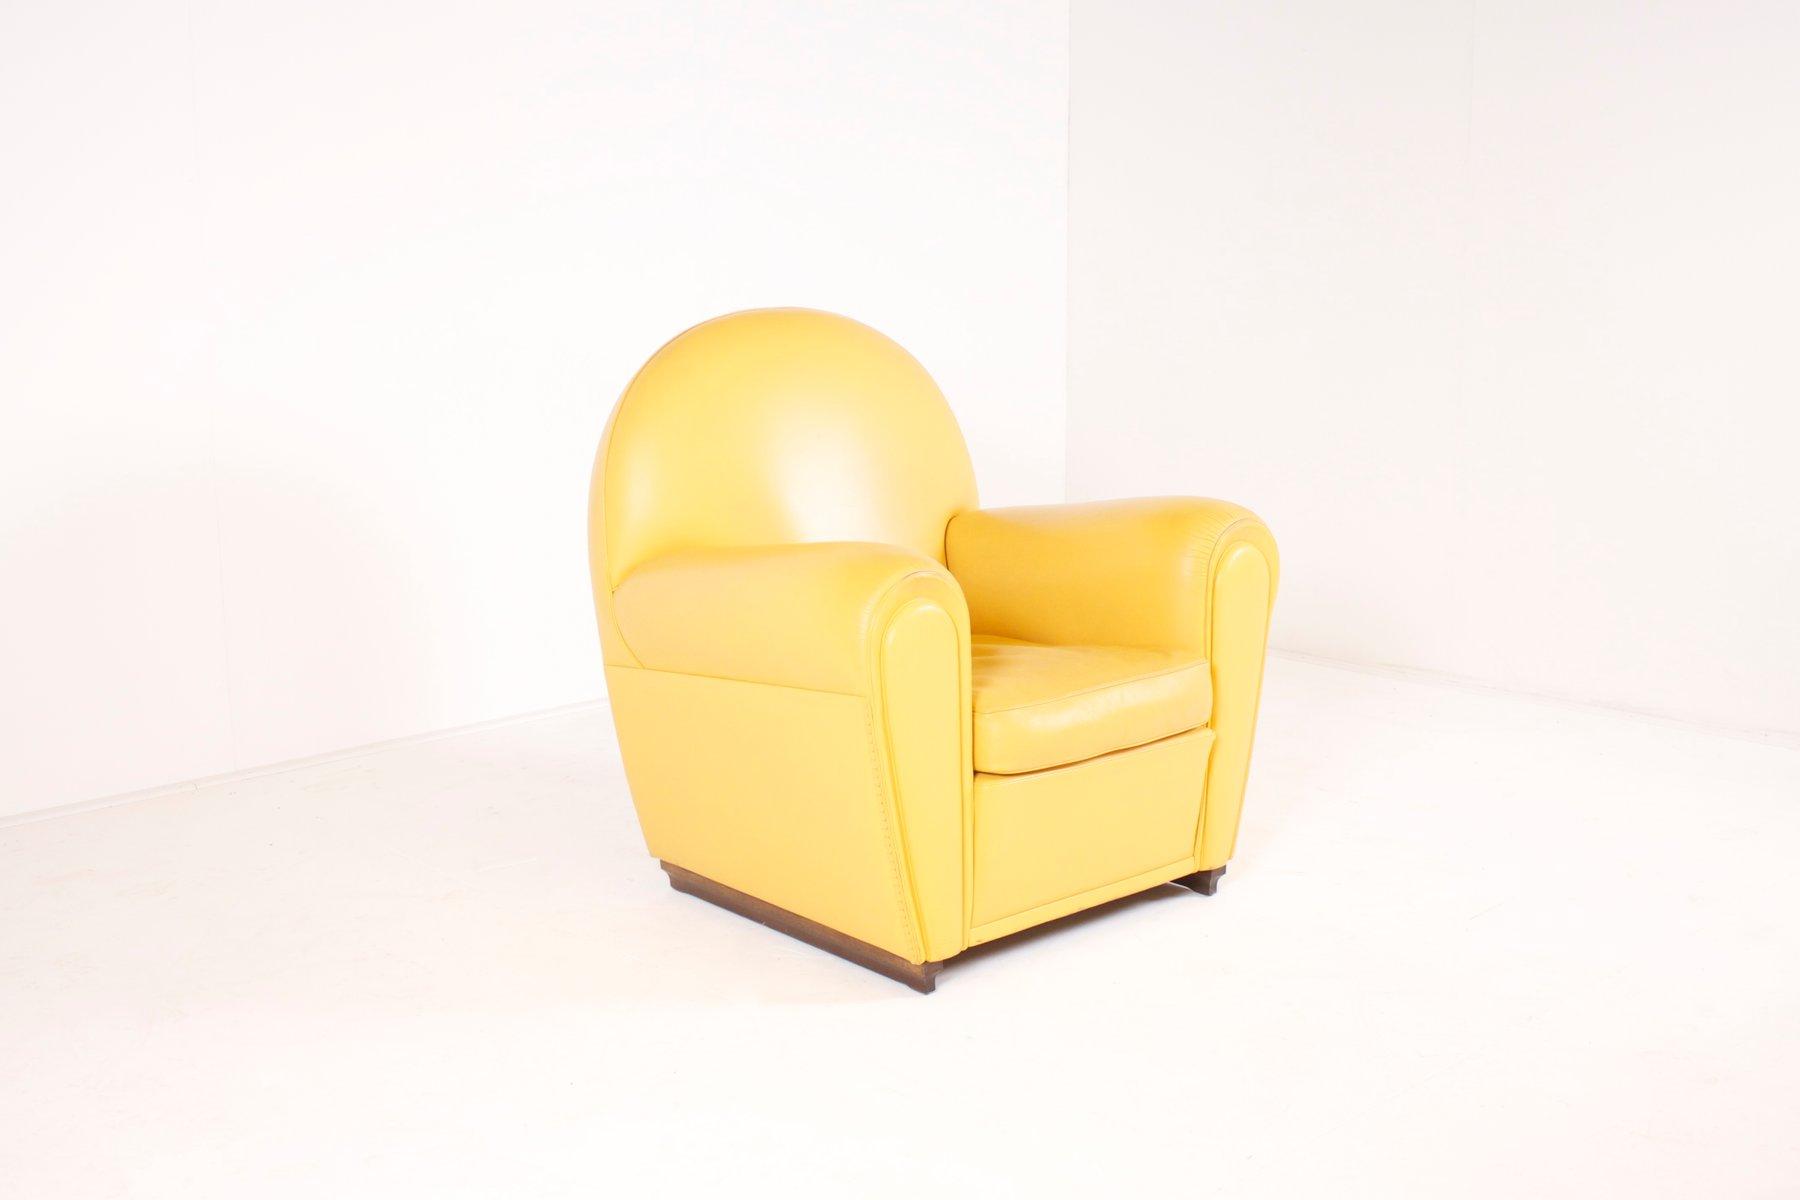 italienischer vanity fair sessel von renzo frau f r poltrona frau bei pamono kaufen. Black Bedroom Furniture Sets. Home Design Ideas